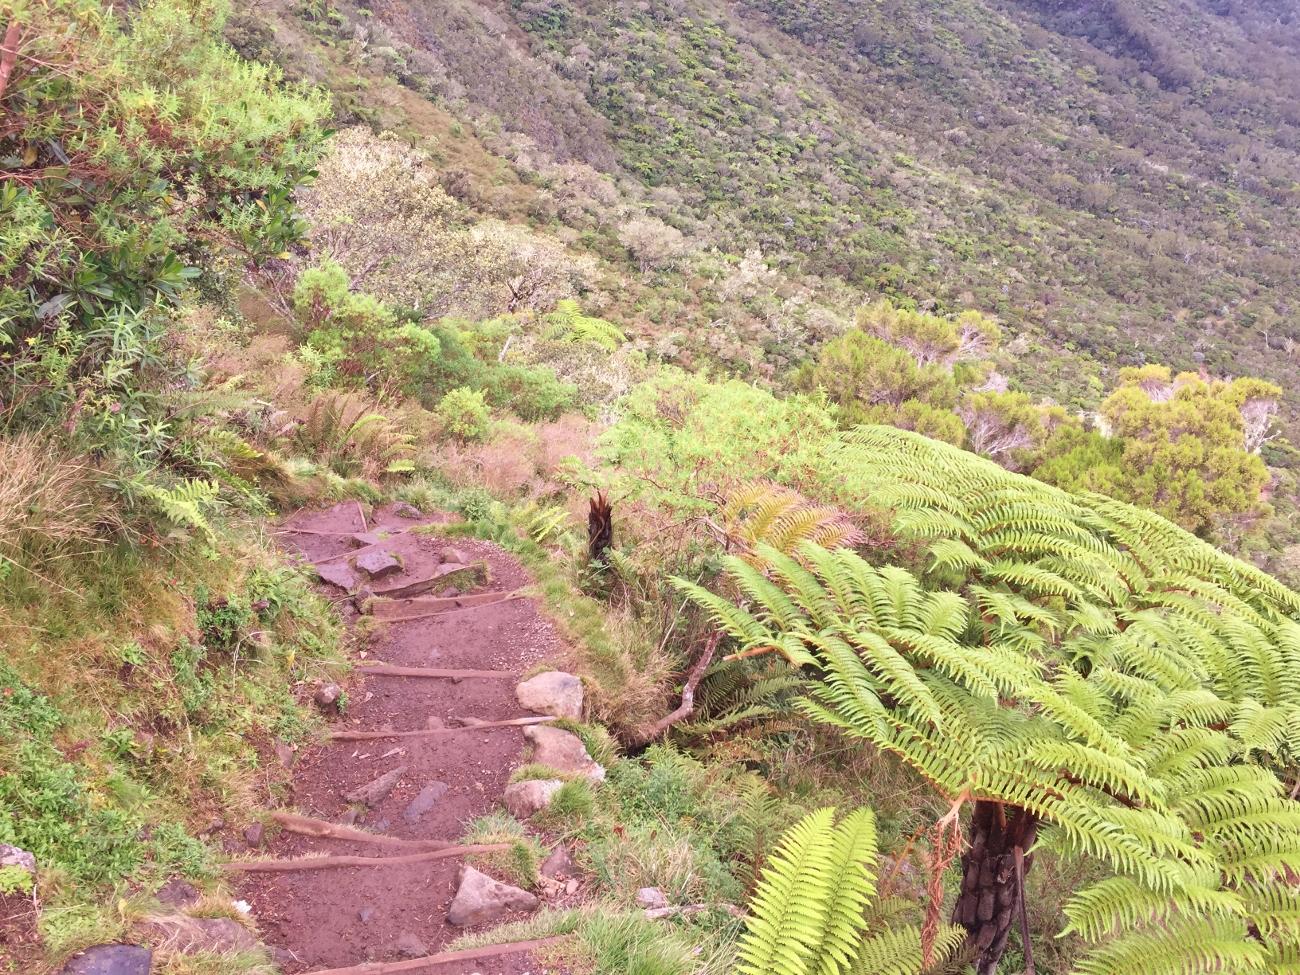 Les marches du sentier partant du col des boeufs pour Marla ou La Nouvelle